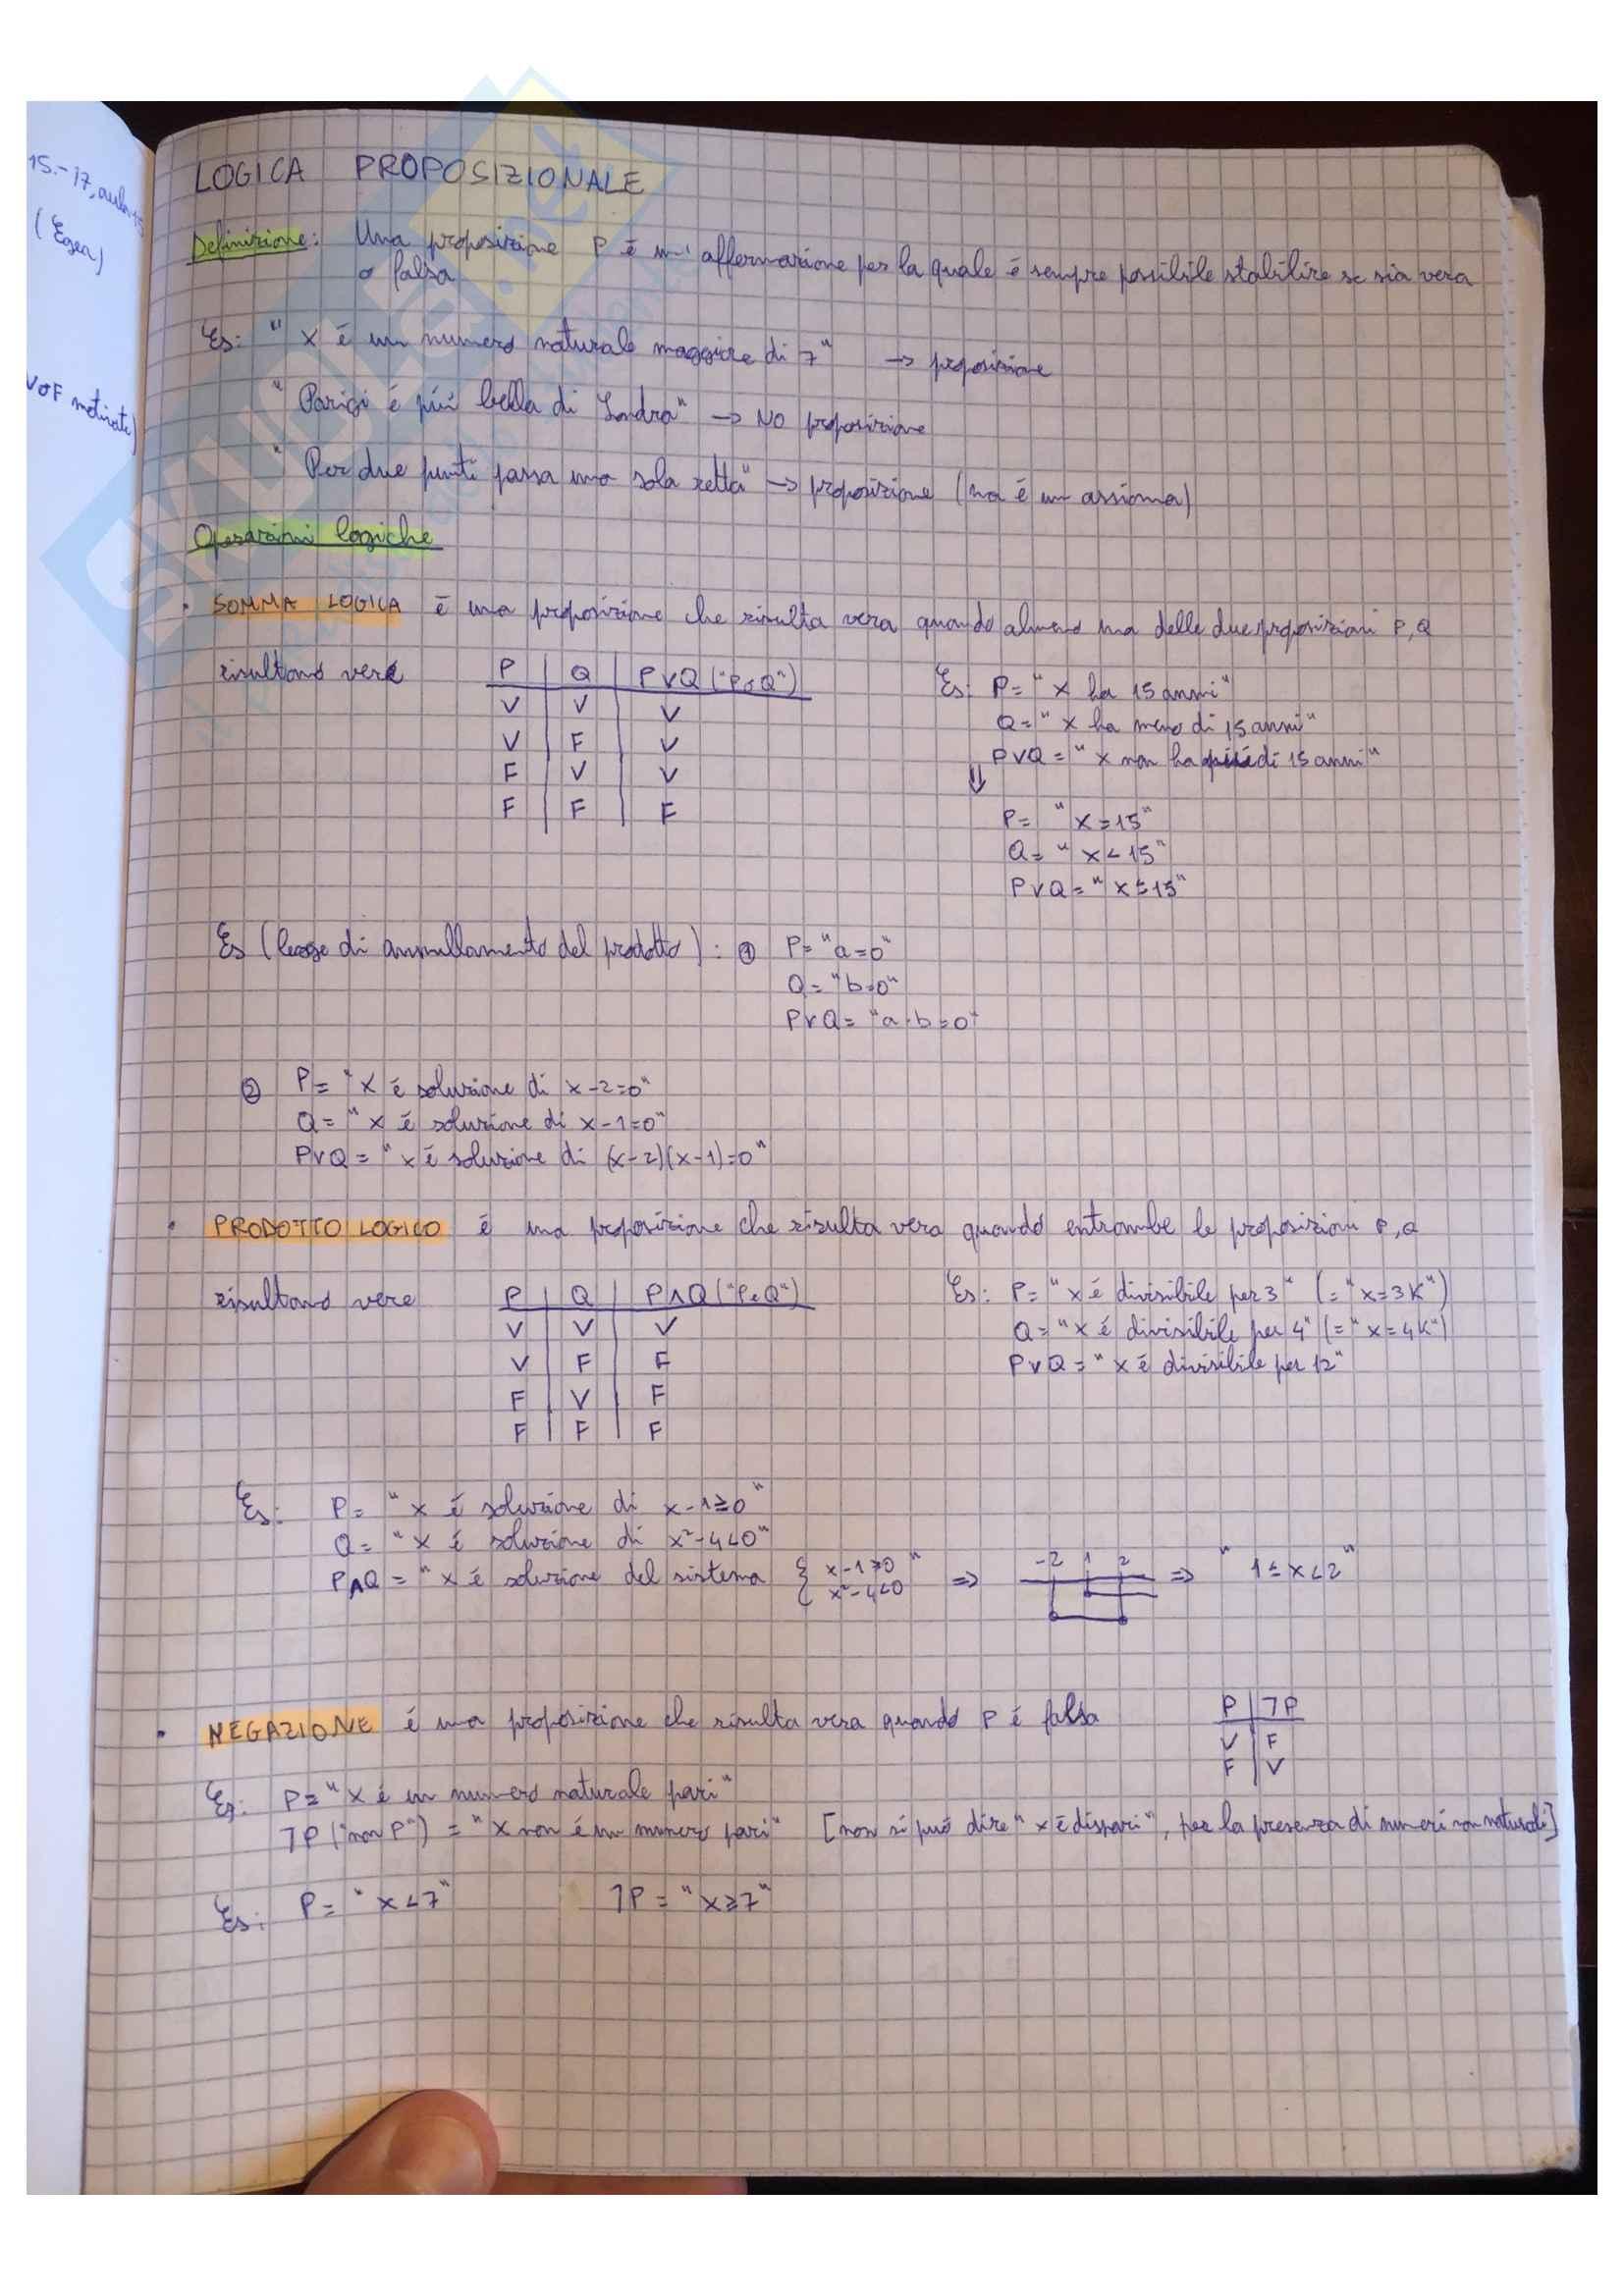 Appunti Matematica generale, docente Valentina Guizzi